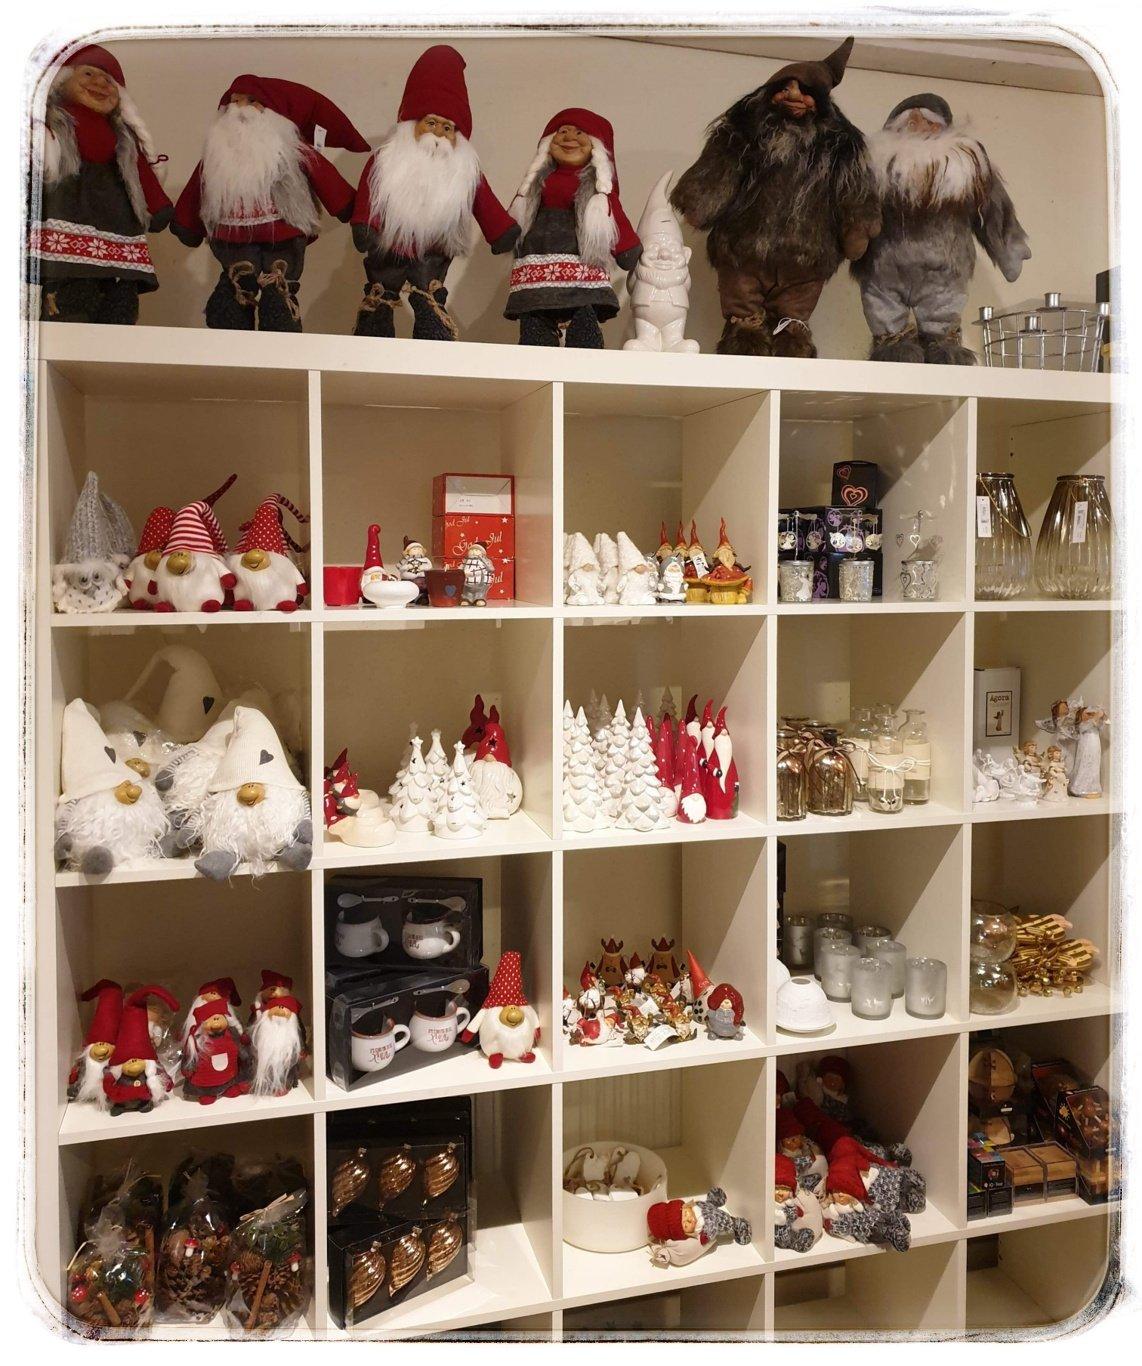 Nu packar vi upp och fyller upp i butiken inför jul.